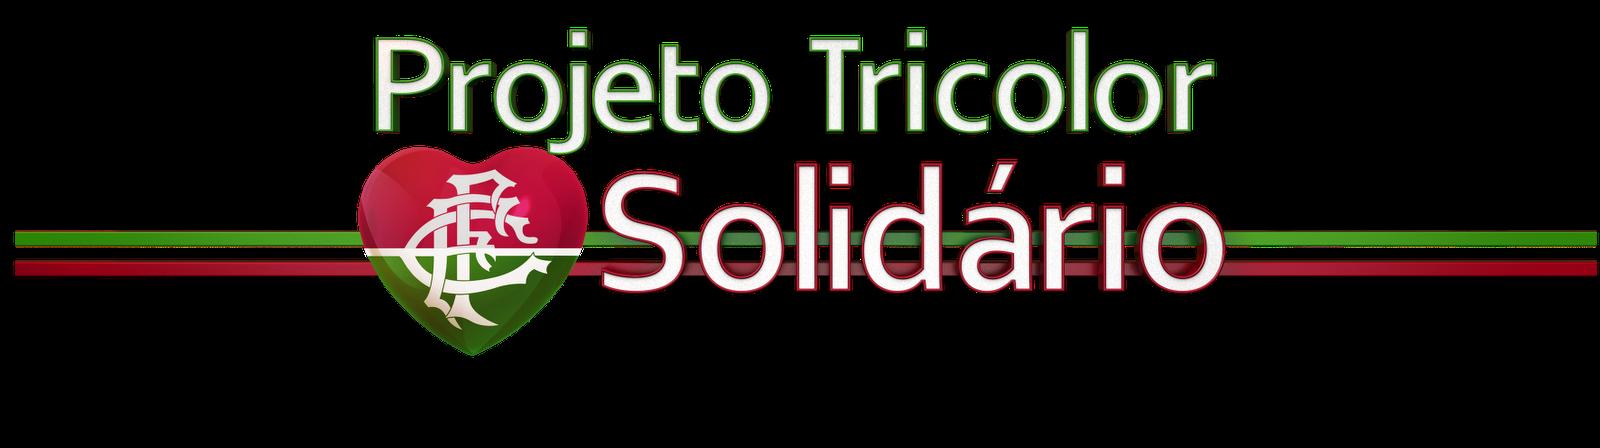 Projeto Tricolor Solidário